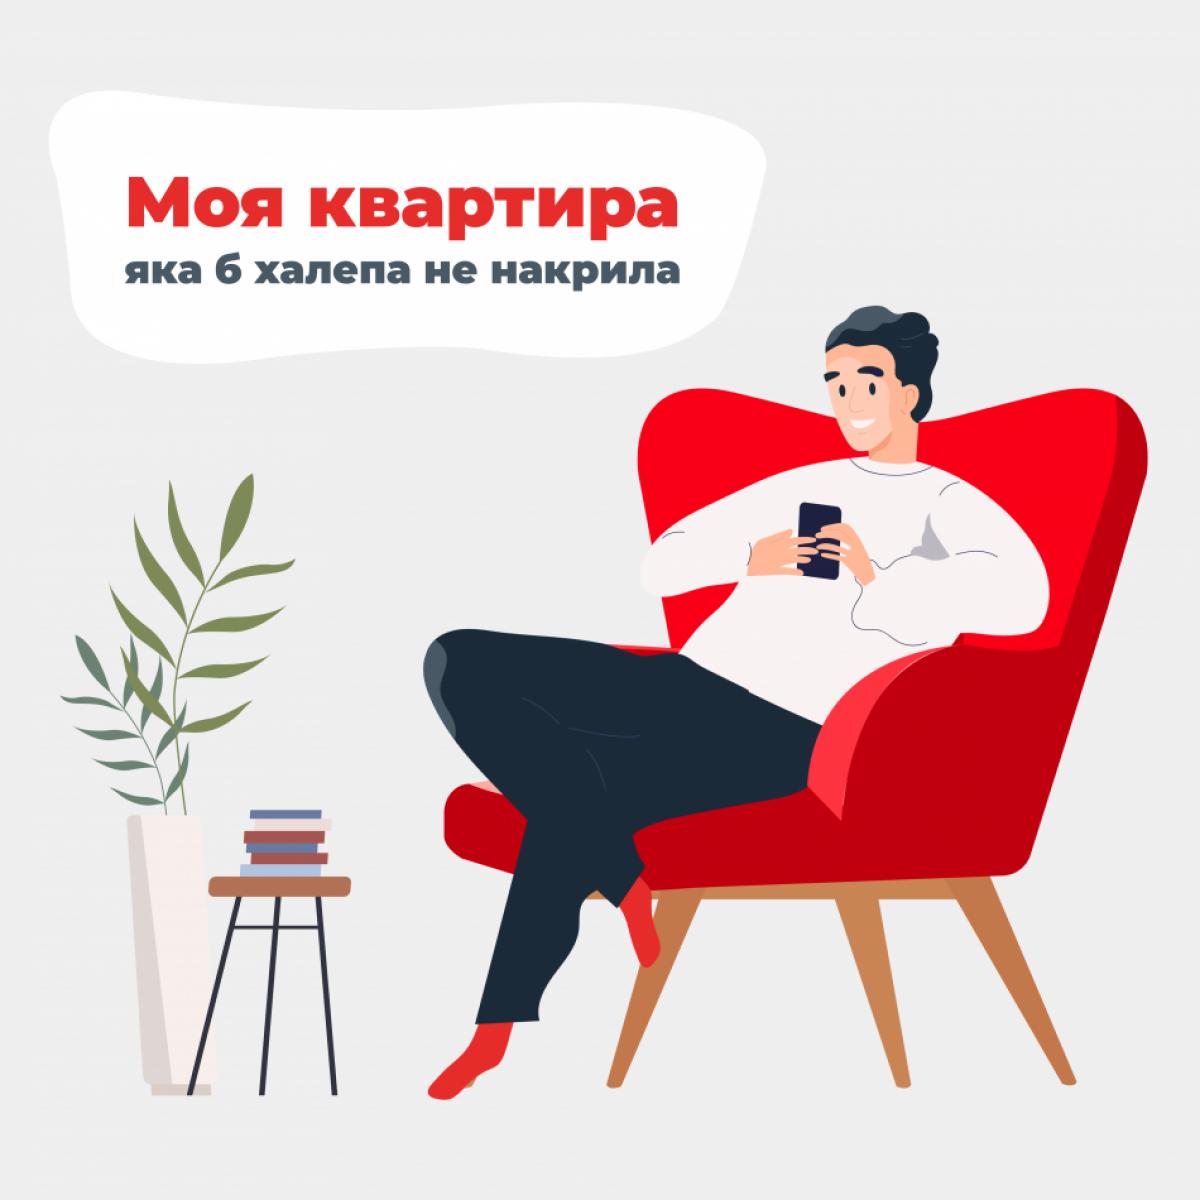 Страхование квартир: как застраховать свое жилье